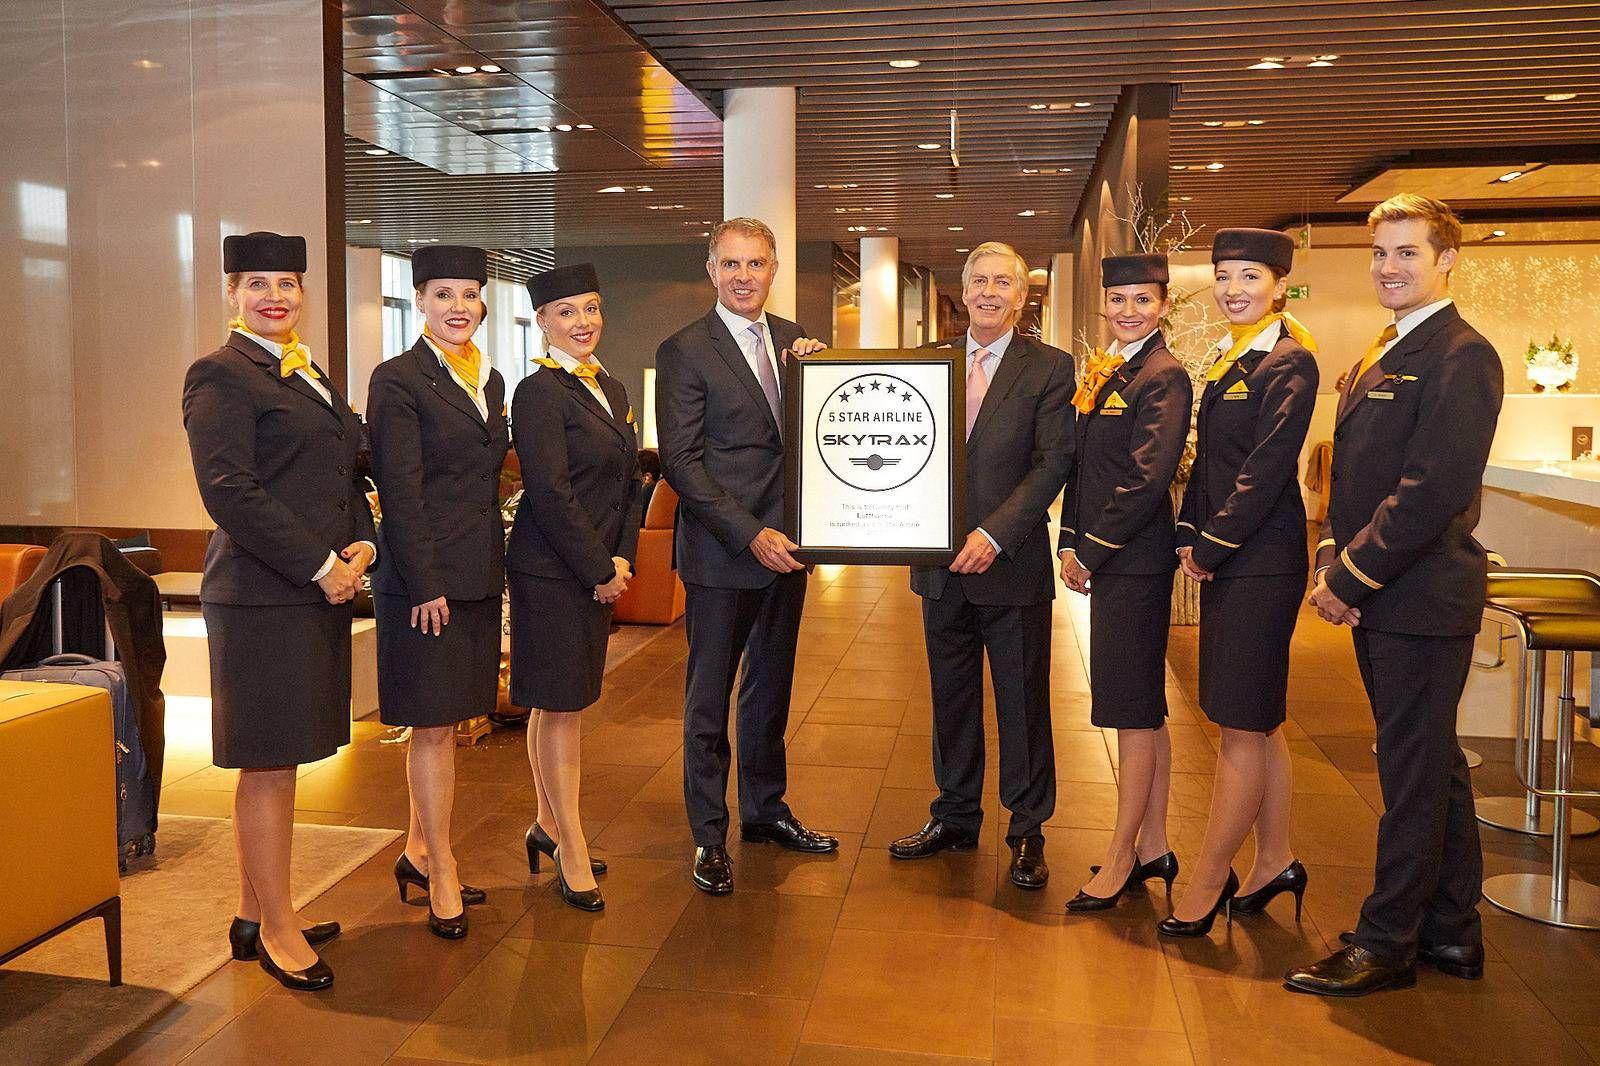 Lufthansa conquista prêmio inédito e se torna a primeira cia aérea 5 estrelas da Europa